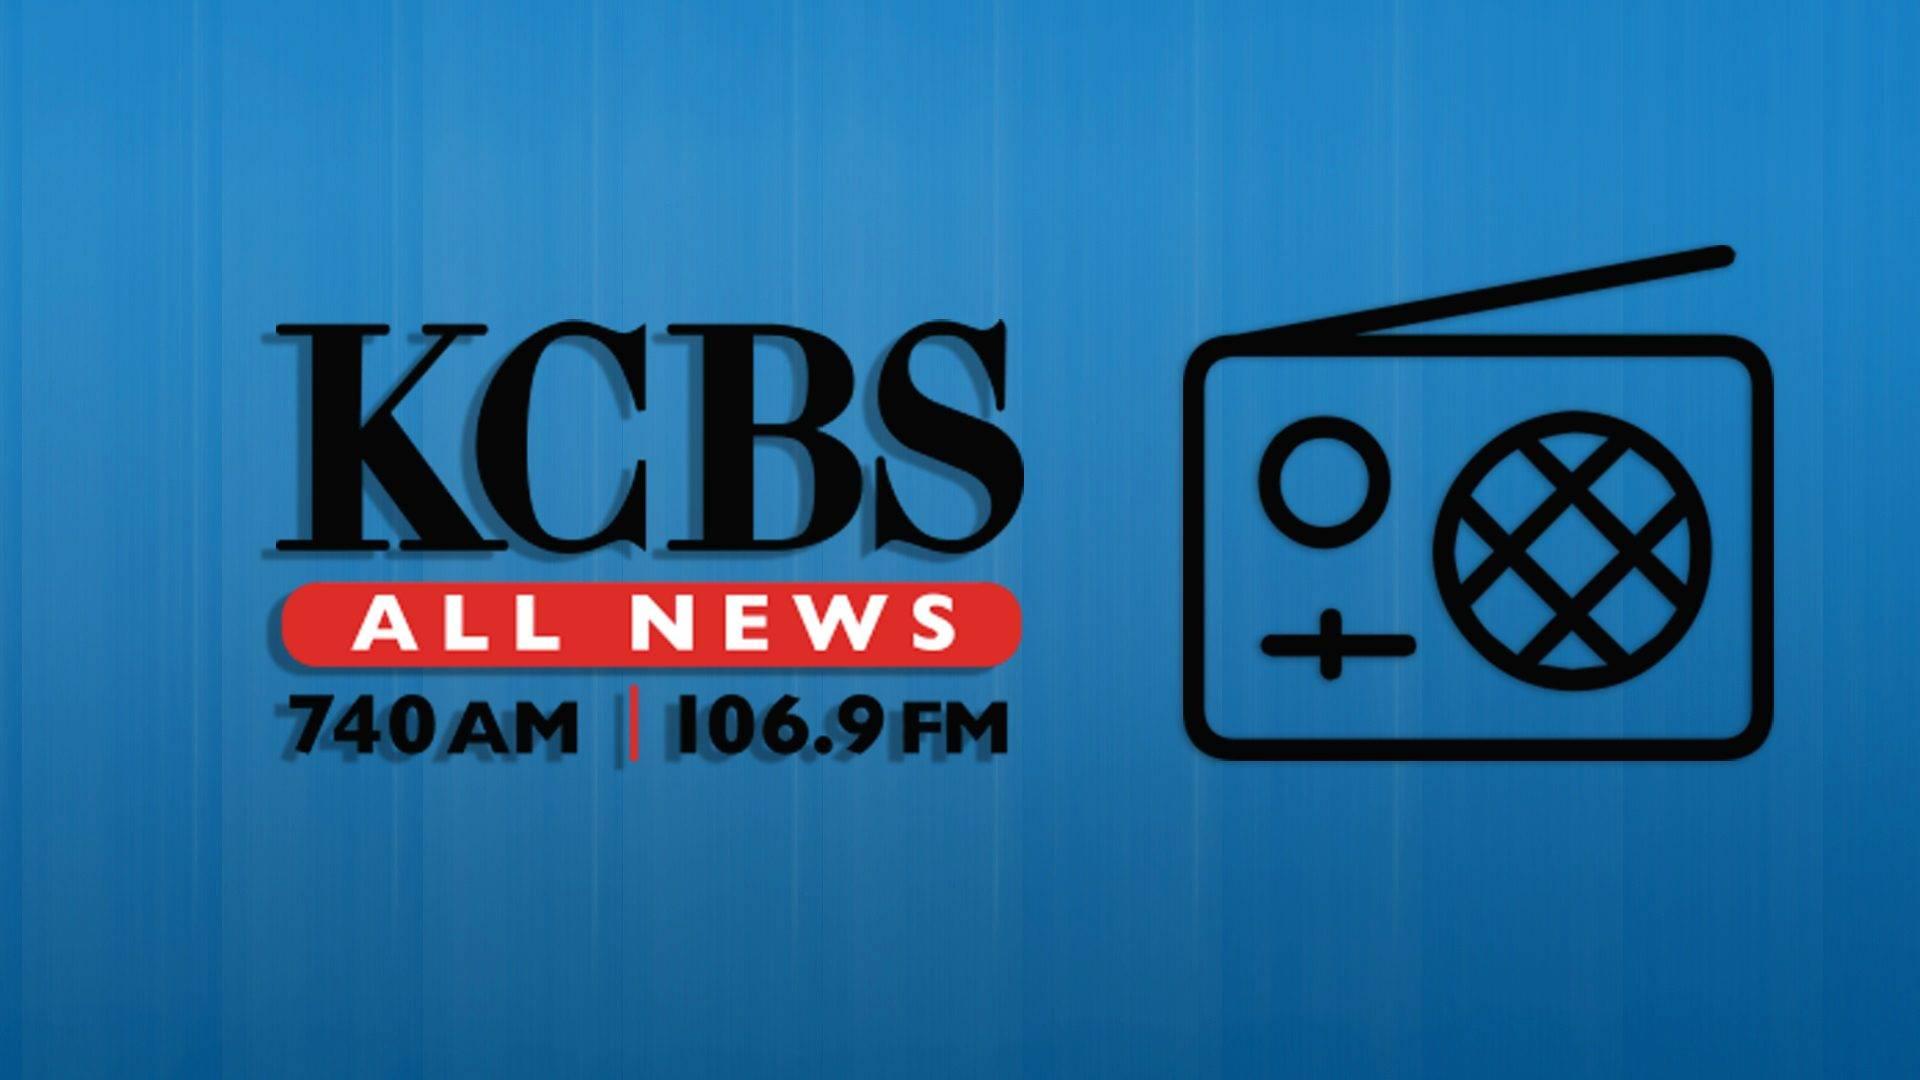 KCBS All news AM 740